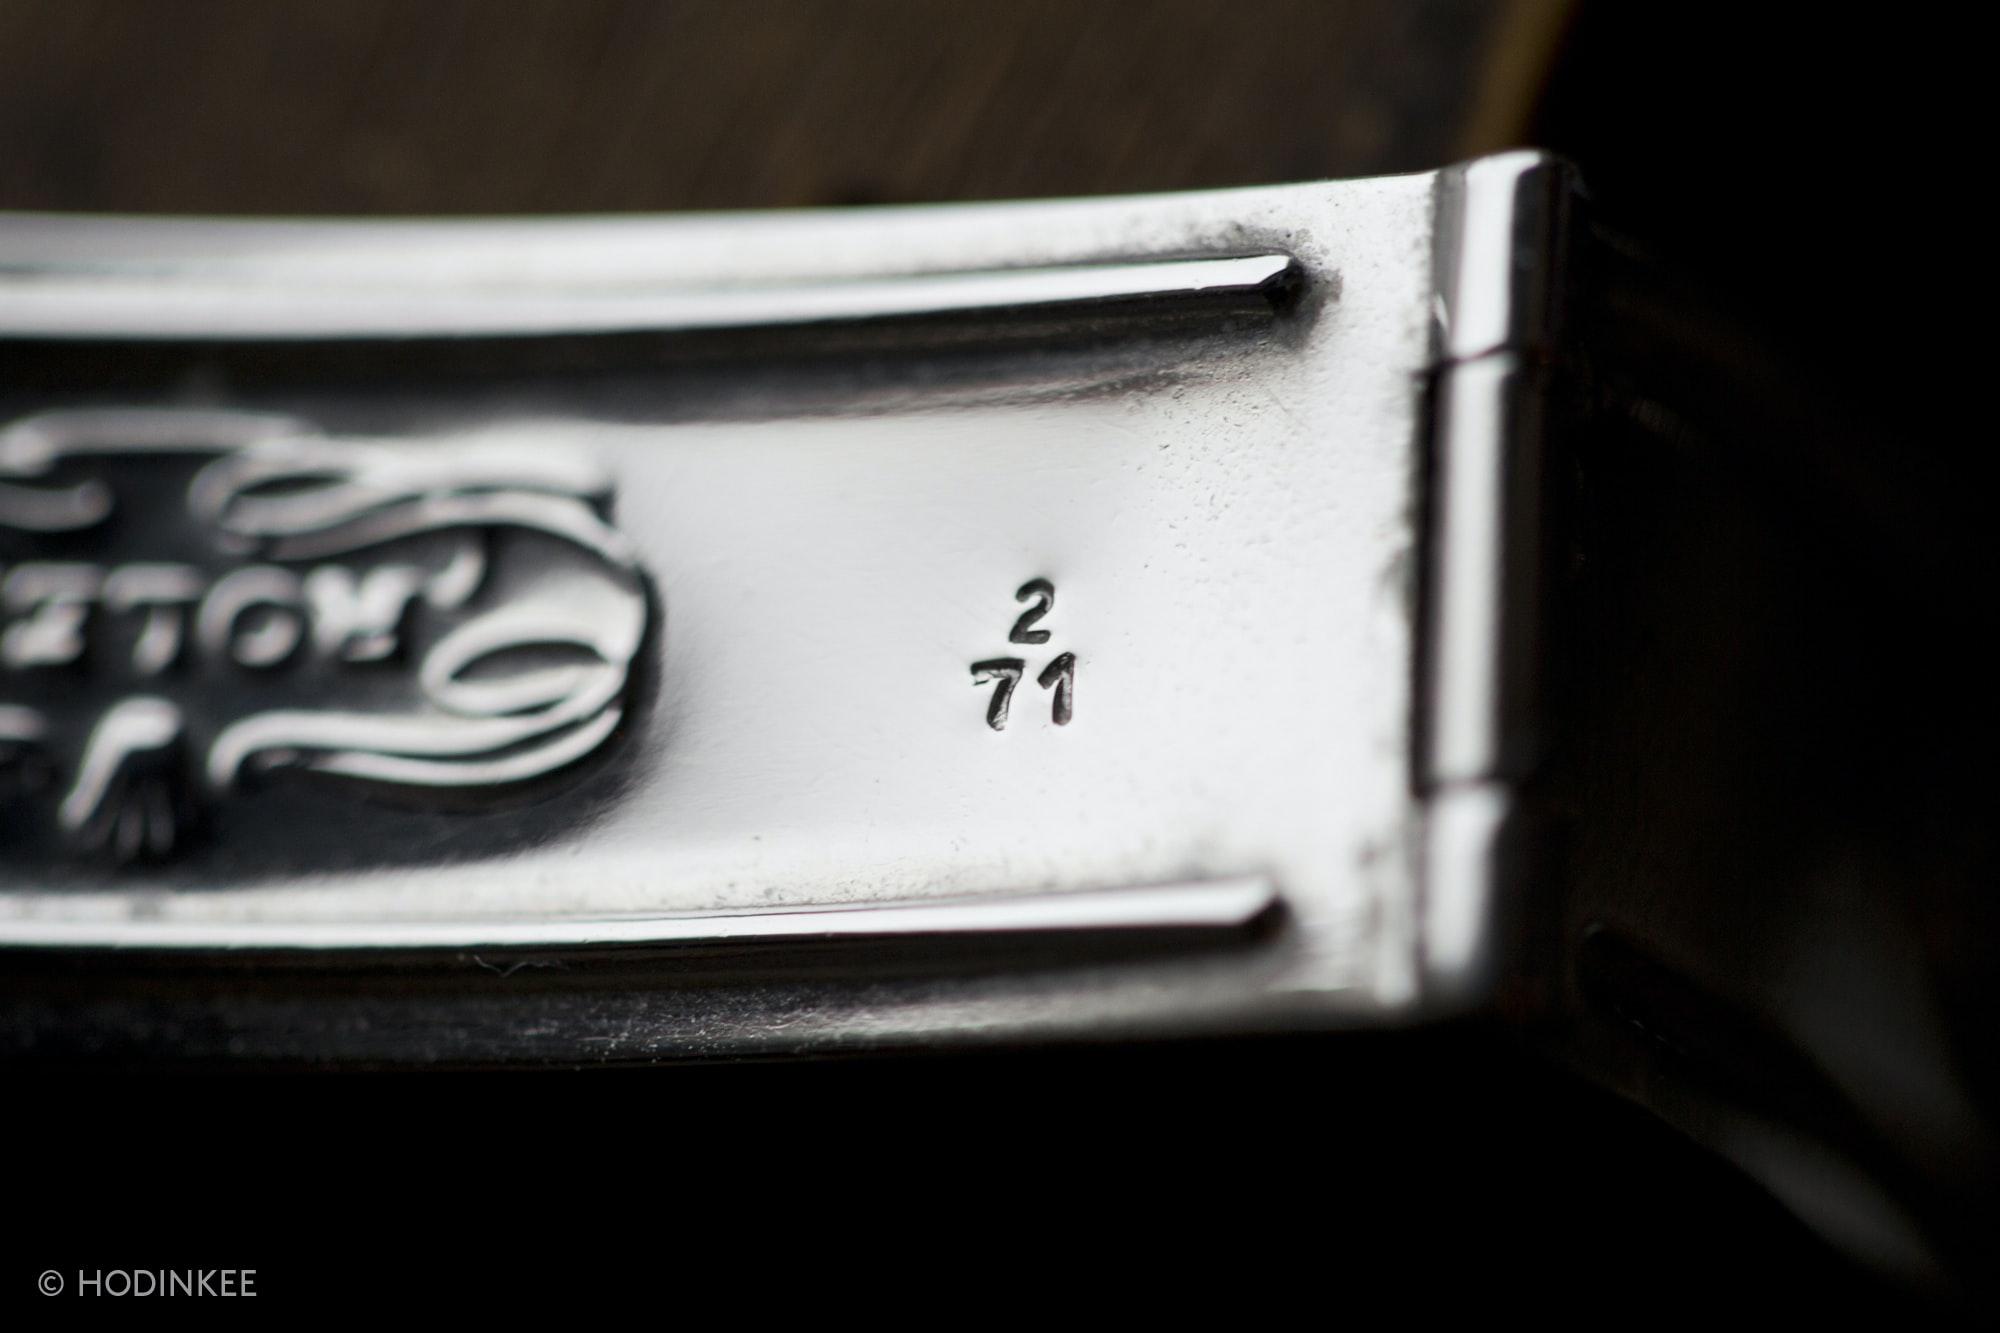 Rolex clasp for bracelet 7205